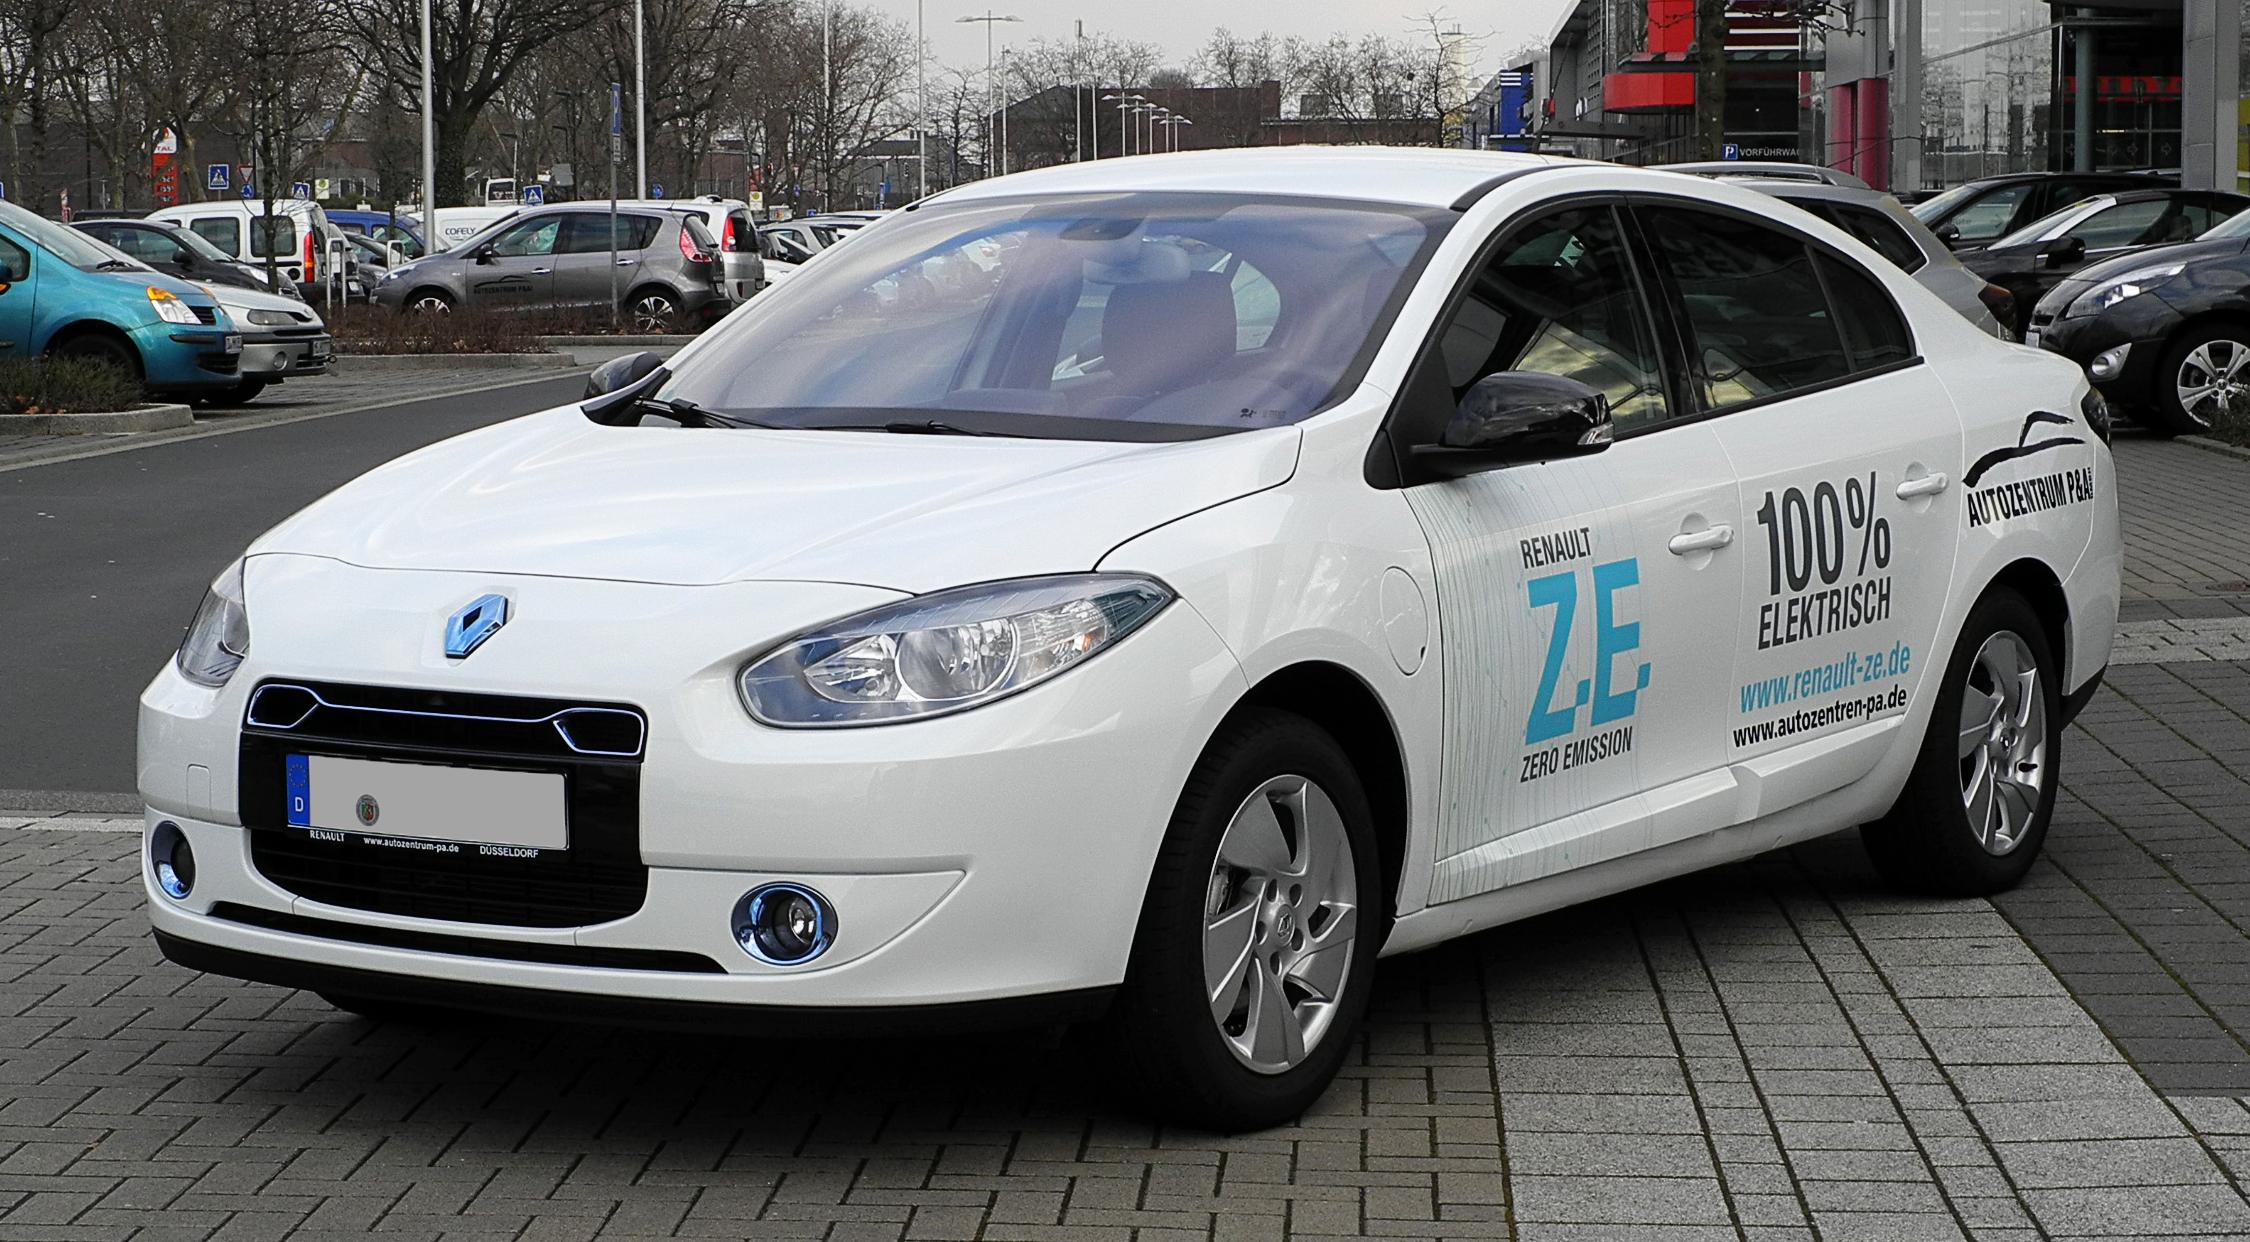 File:Renault Fluence Z.E. – Frontansicht, 25. Februar 2012 ...